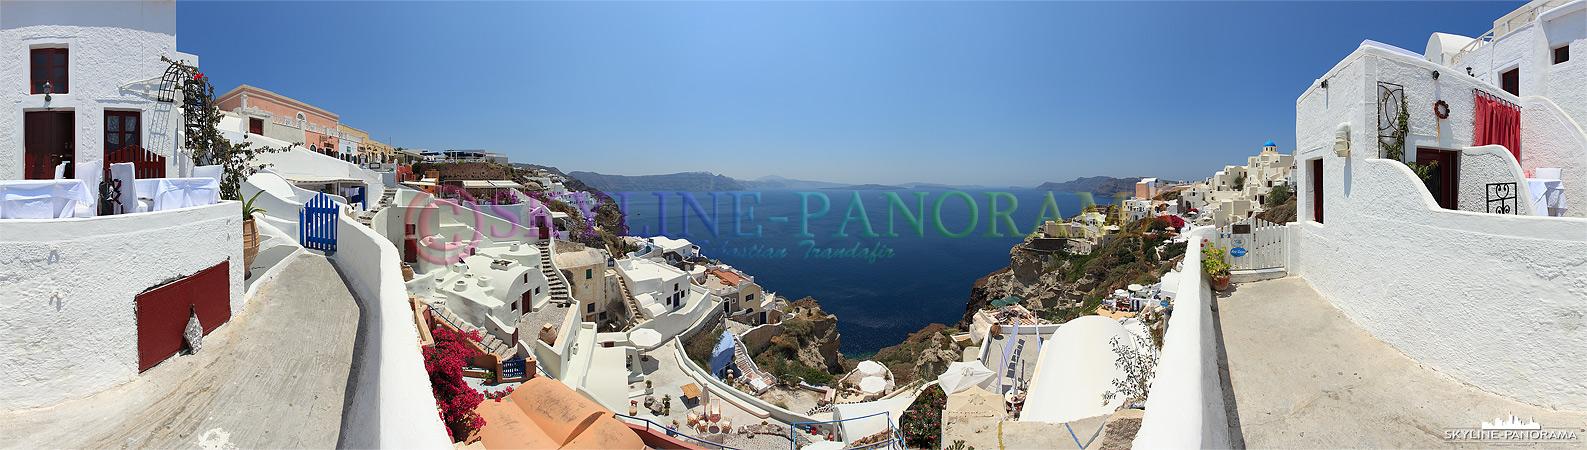 Panorama aus Griechenland - Mitten in der typischen Kykladenarchitektur Oia´s, Panoramablick in die überwältigende Caldera von Santorini.